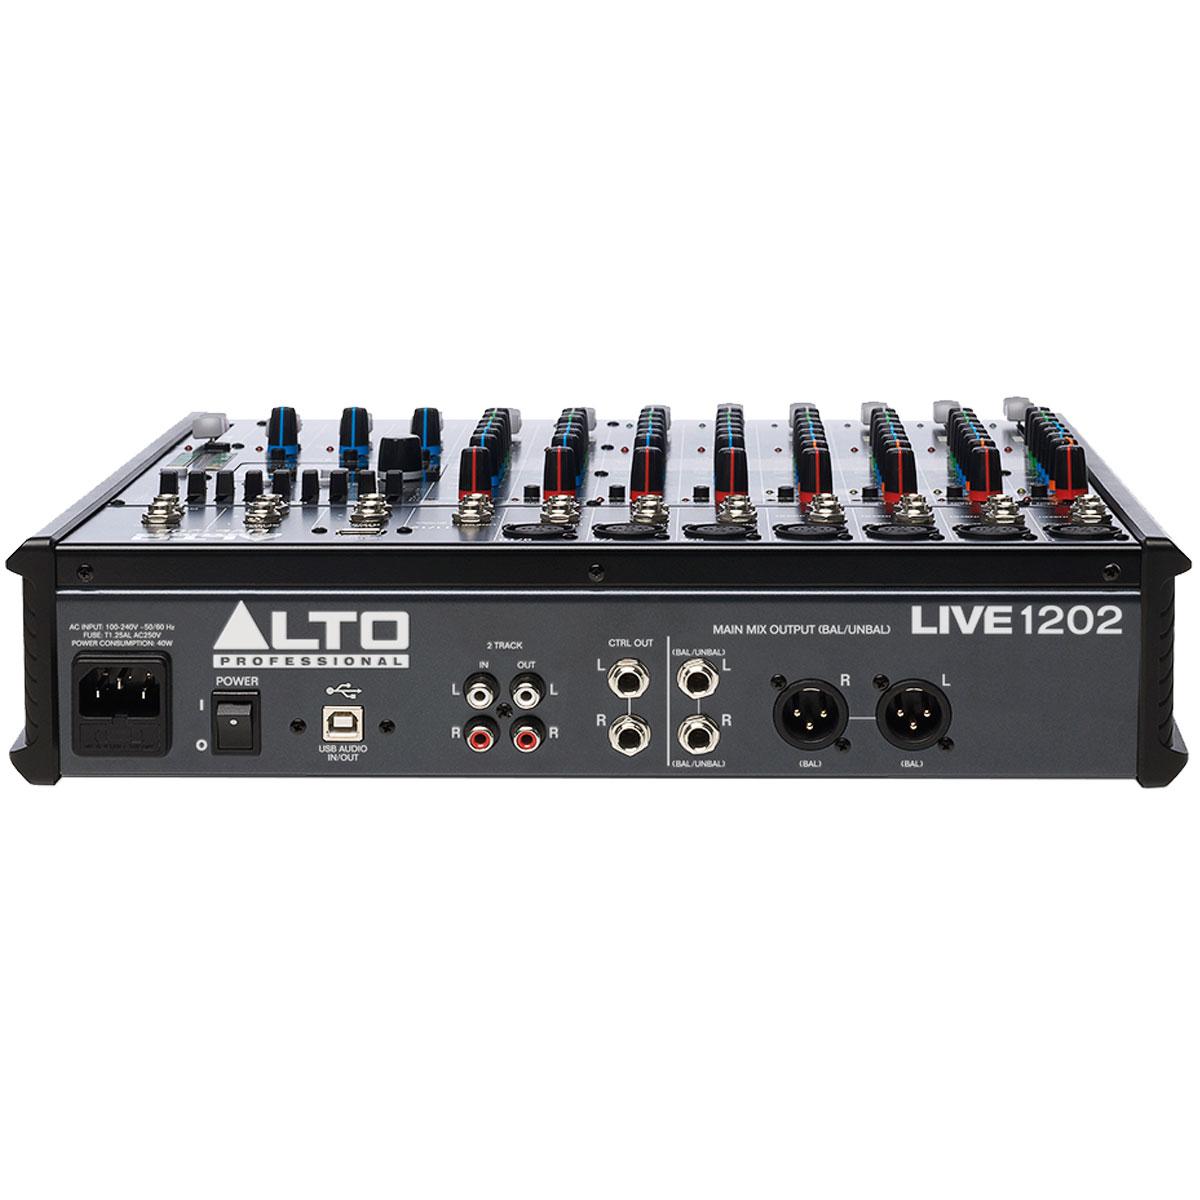 Mesa de Som 12 Canais Balanceados (7 XLR + 5 P10) c/ USB / Efeito / Phantom / 2 Auxiliares - Live 1202 Alto